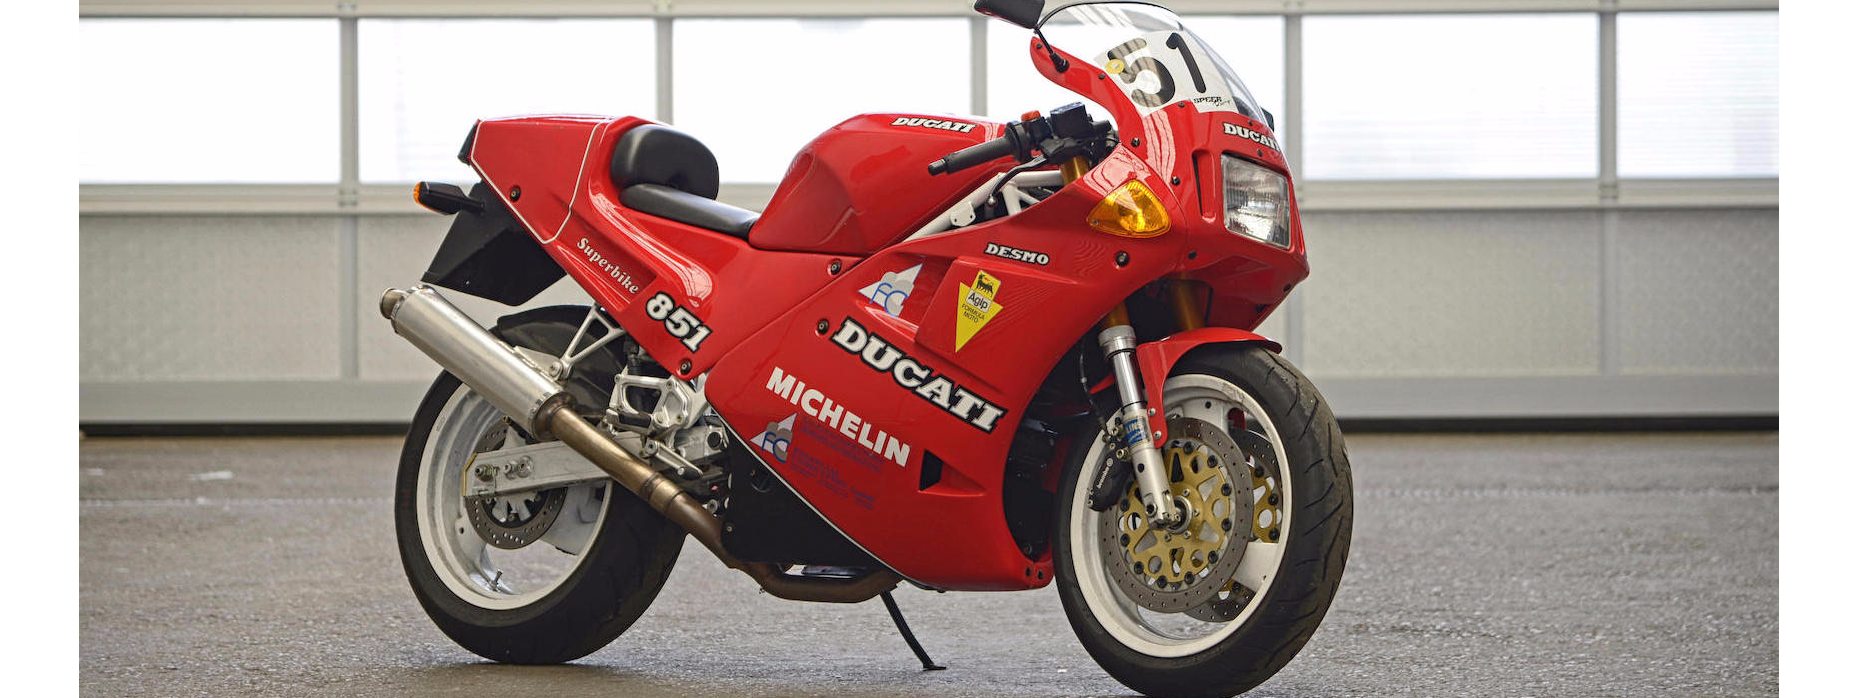 C.1990 DUCATI 851 SP2 Frame no. ZDM888S*000277* Engine no ...